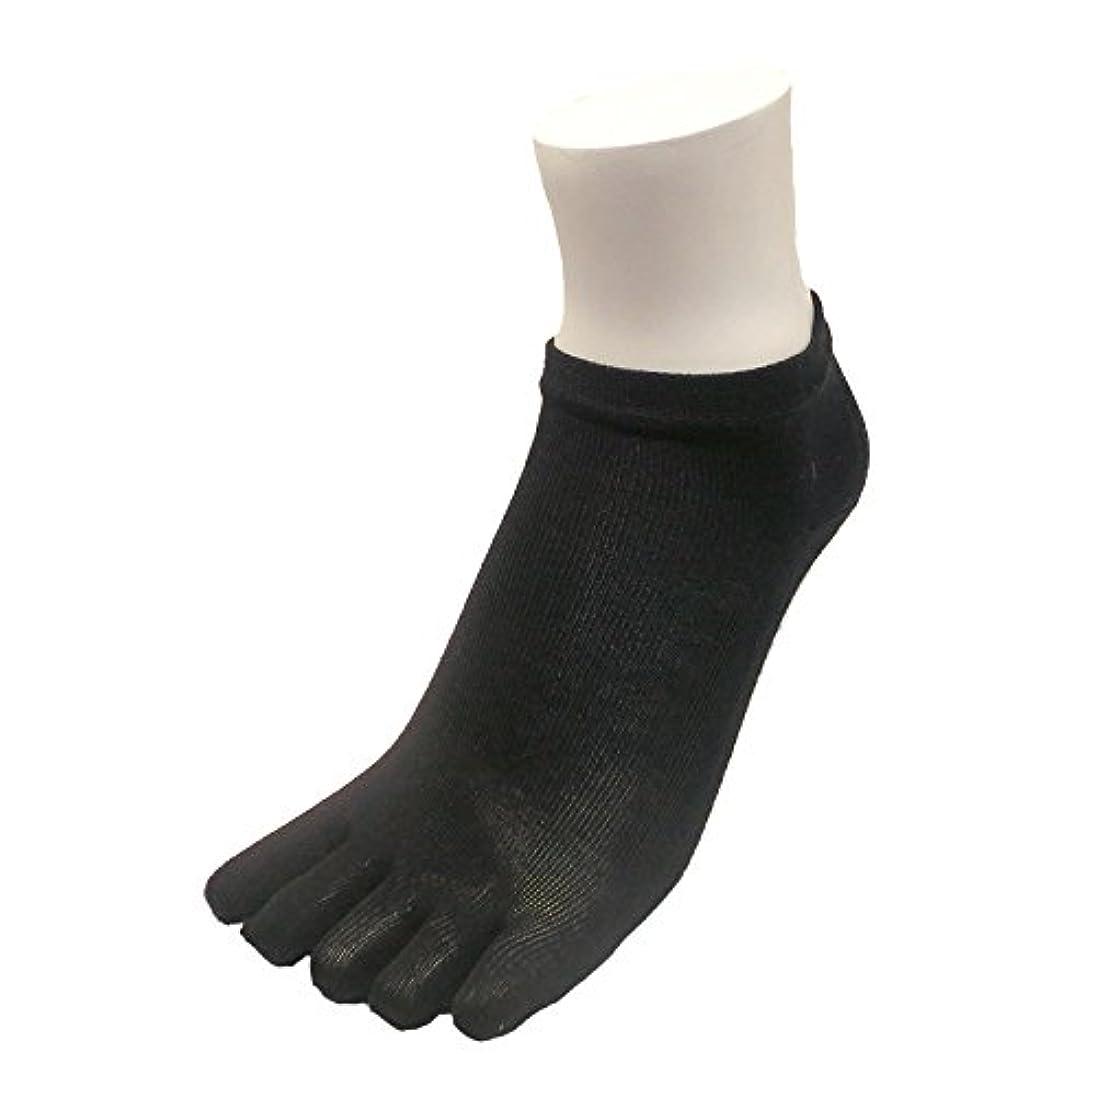 ドラッグわかりやすい遷移シルク 五本指 ソックス 23-25cm 日本製 (ブラック3足セット)絹 靴下